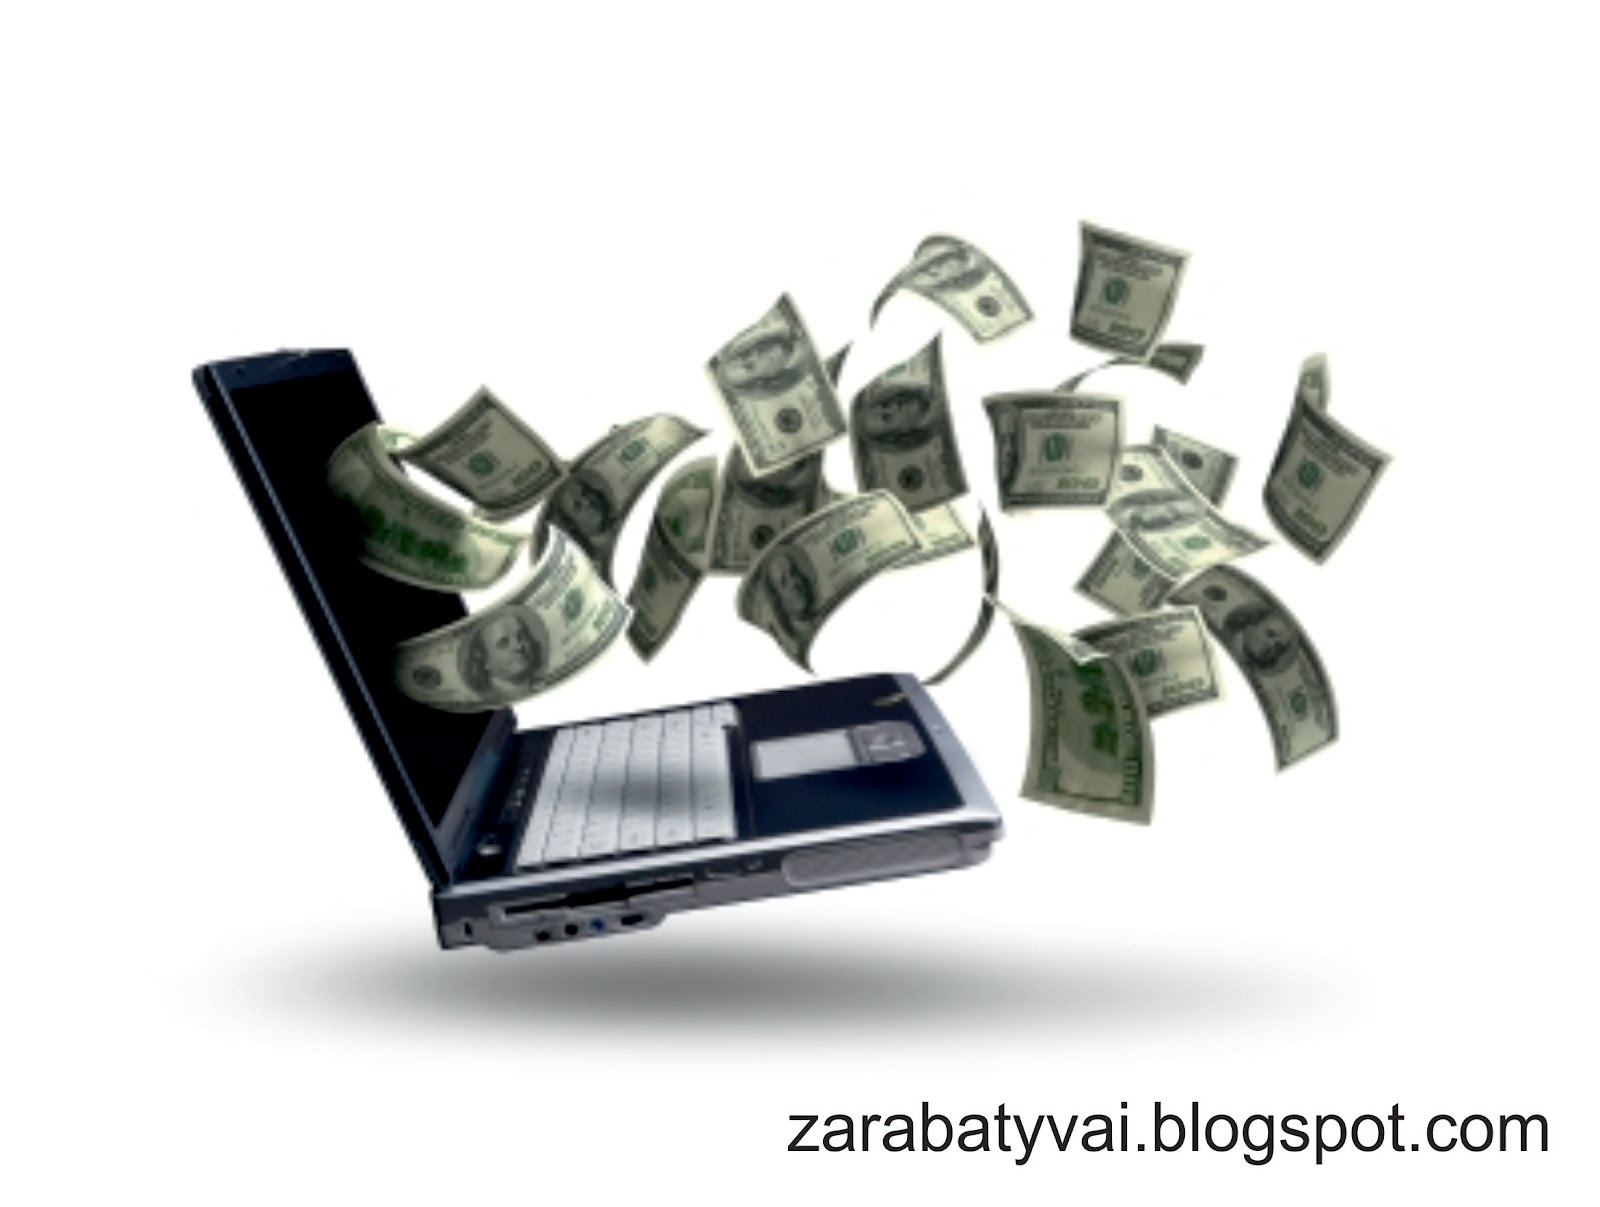 Как в инете заработать деньги